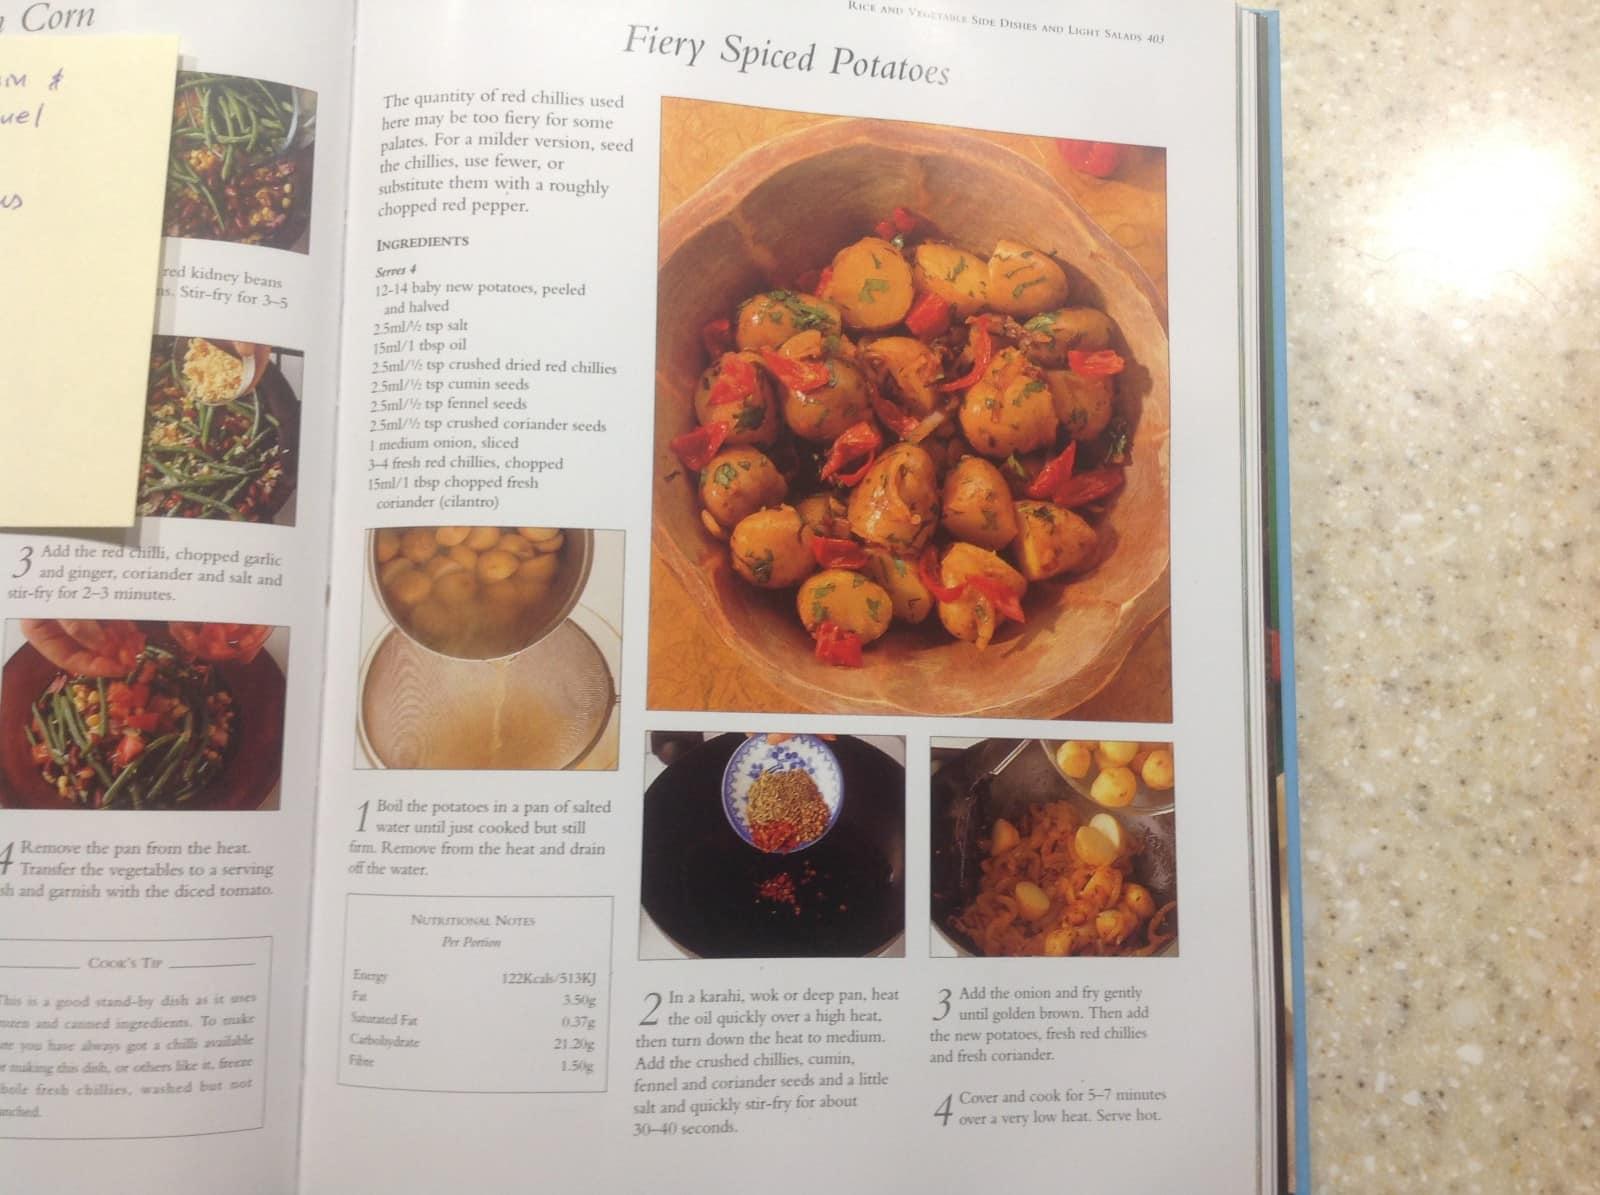 Fiery potatoes